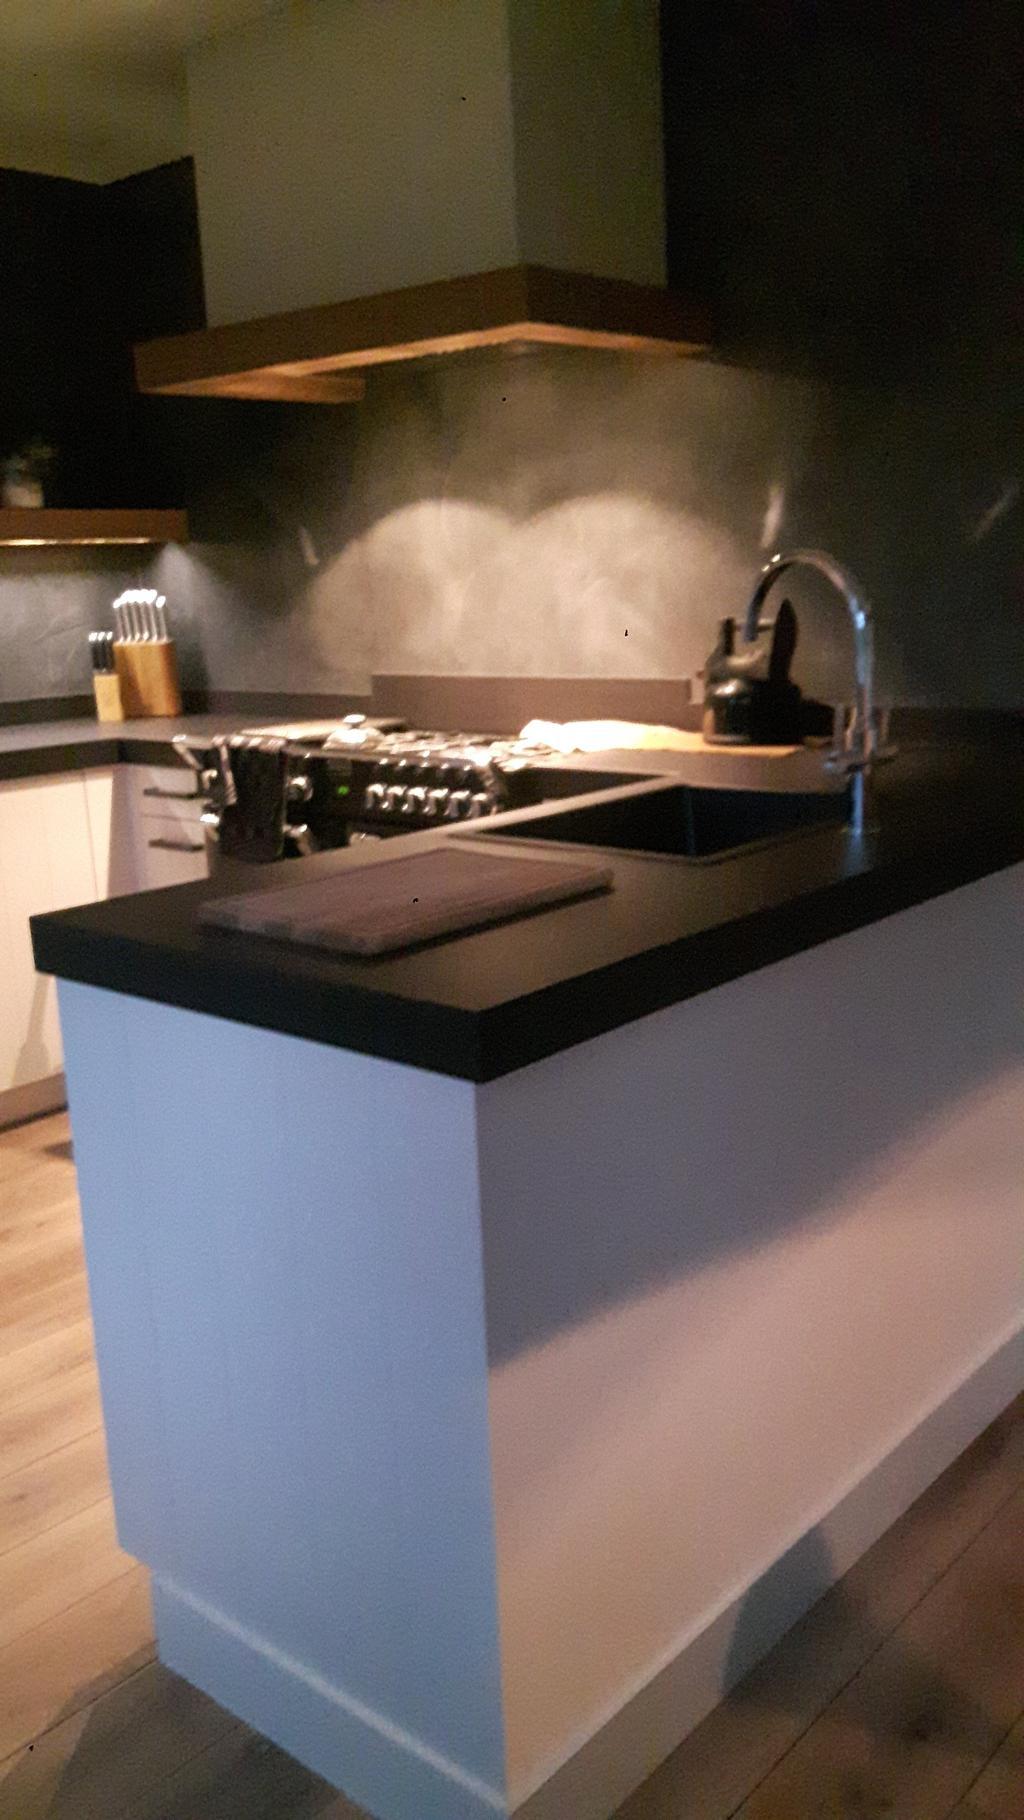 kijk-op-de-kraan-het-middelpunt-van-de-keuken-samen-met-het-fornuis